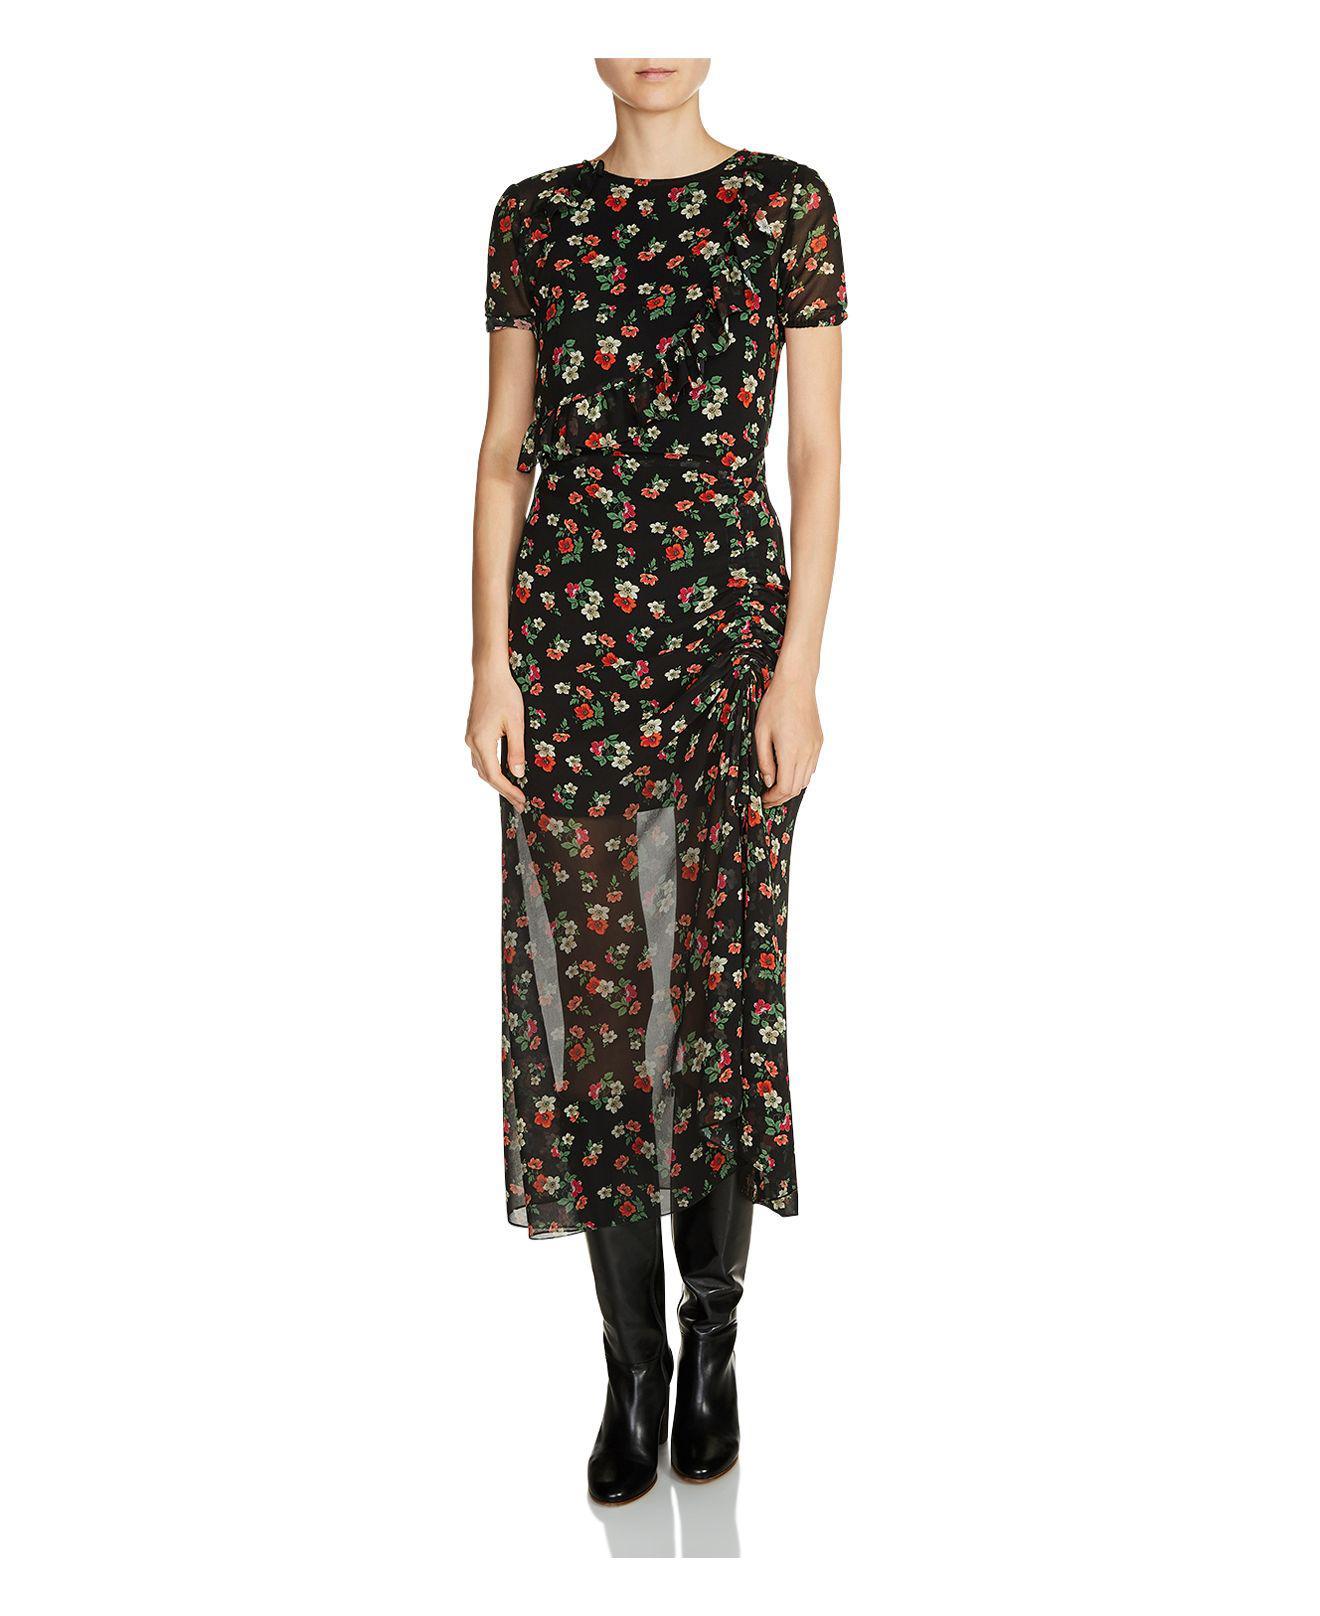 2b0c1a2331b7 Maje Rancho Ruffle Floral Print Midi Dress - Lyst